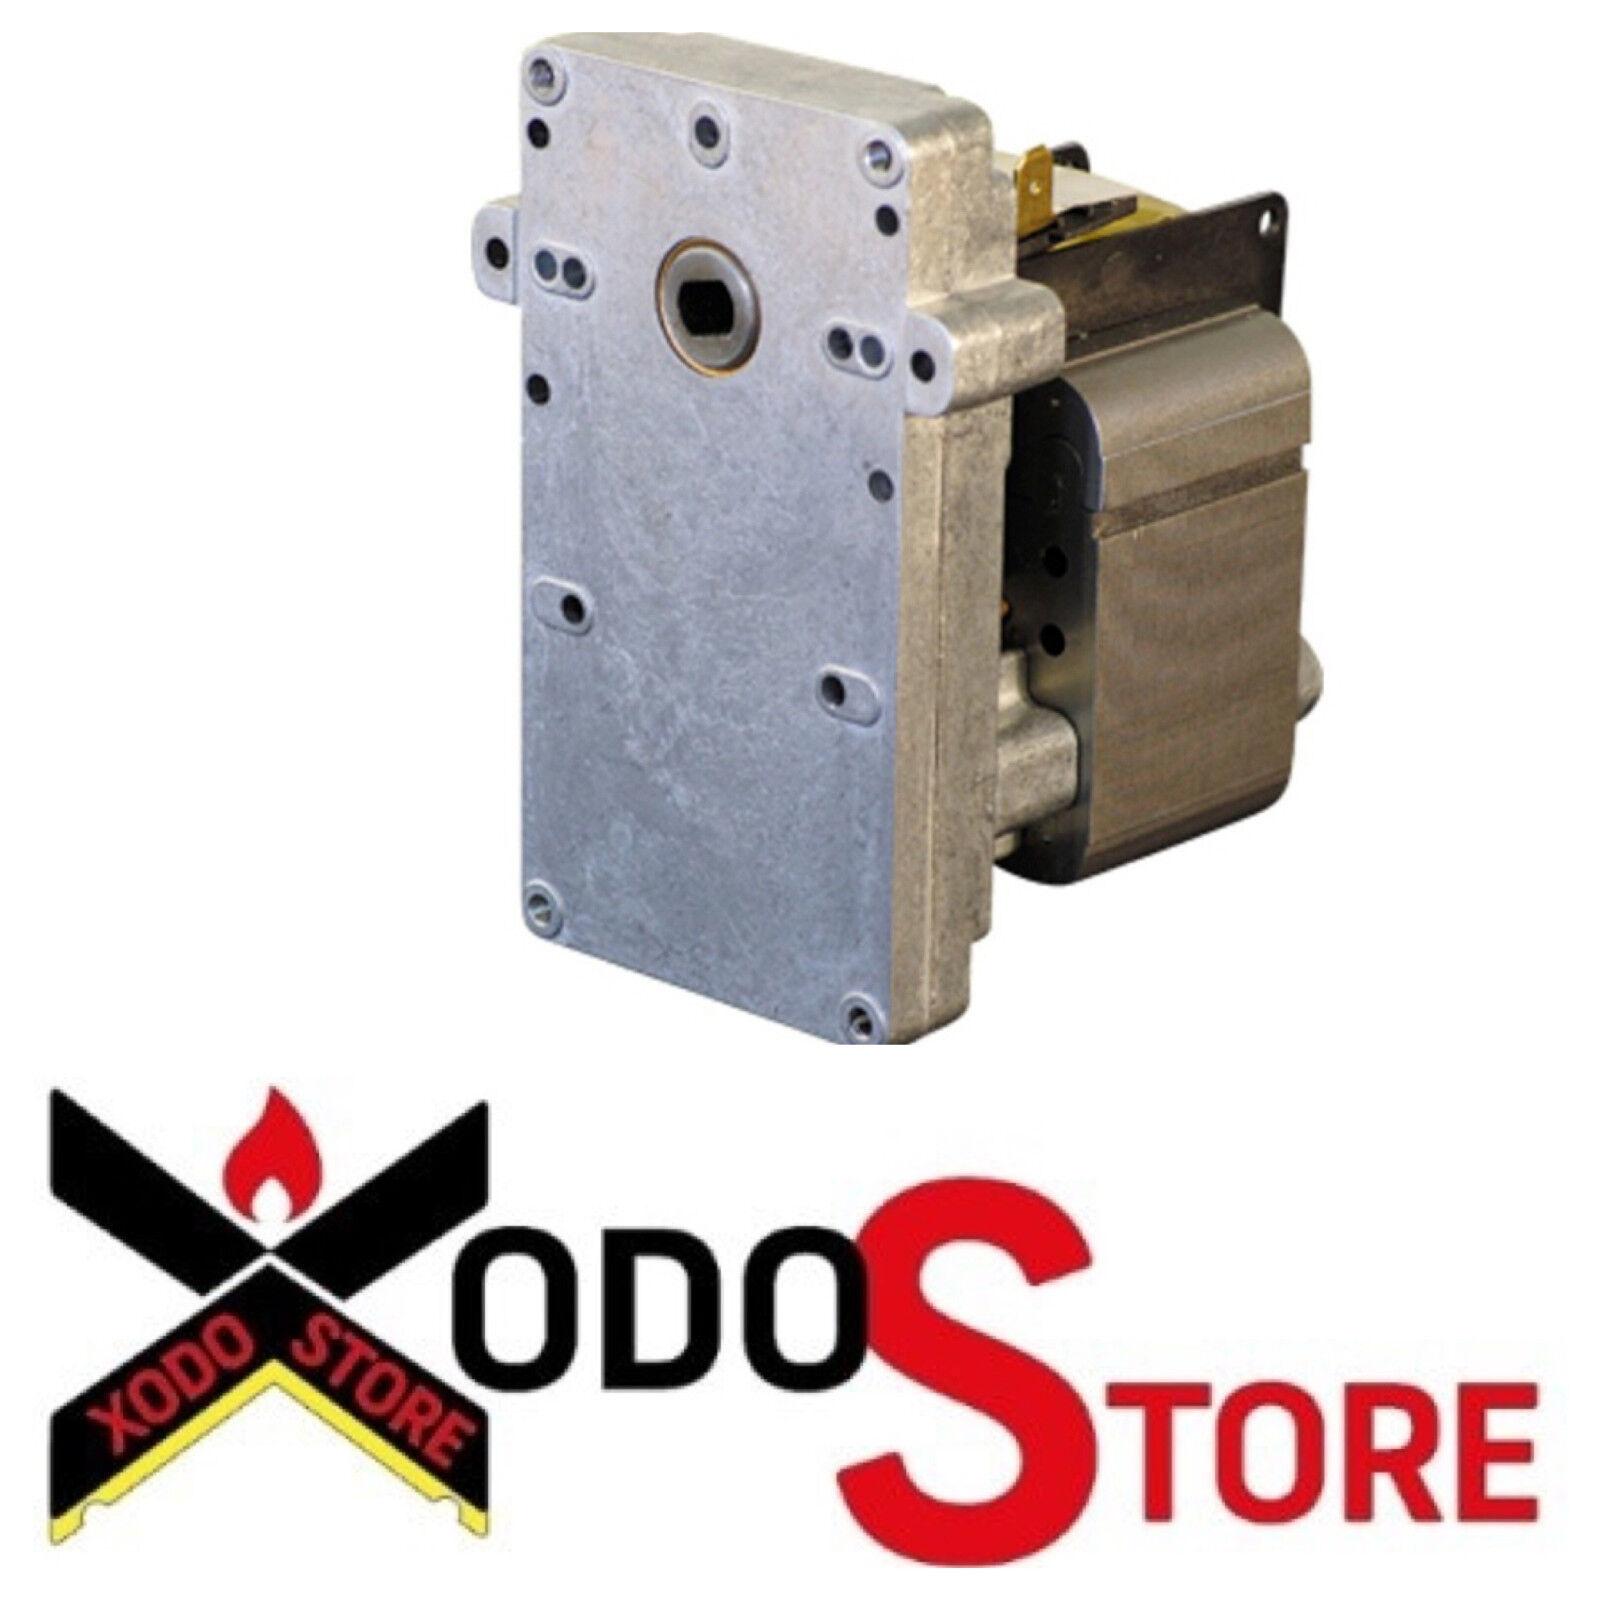 Réducteur de mouvement pour poêles à granulés arbre cable 8,5 mm 5 rpm Paquet 32